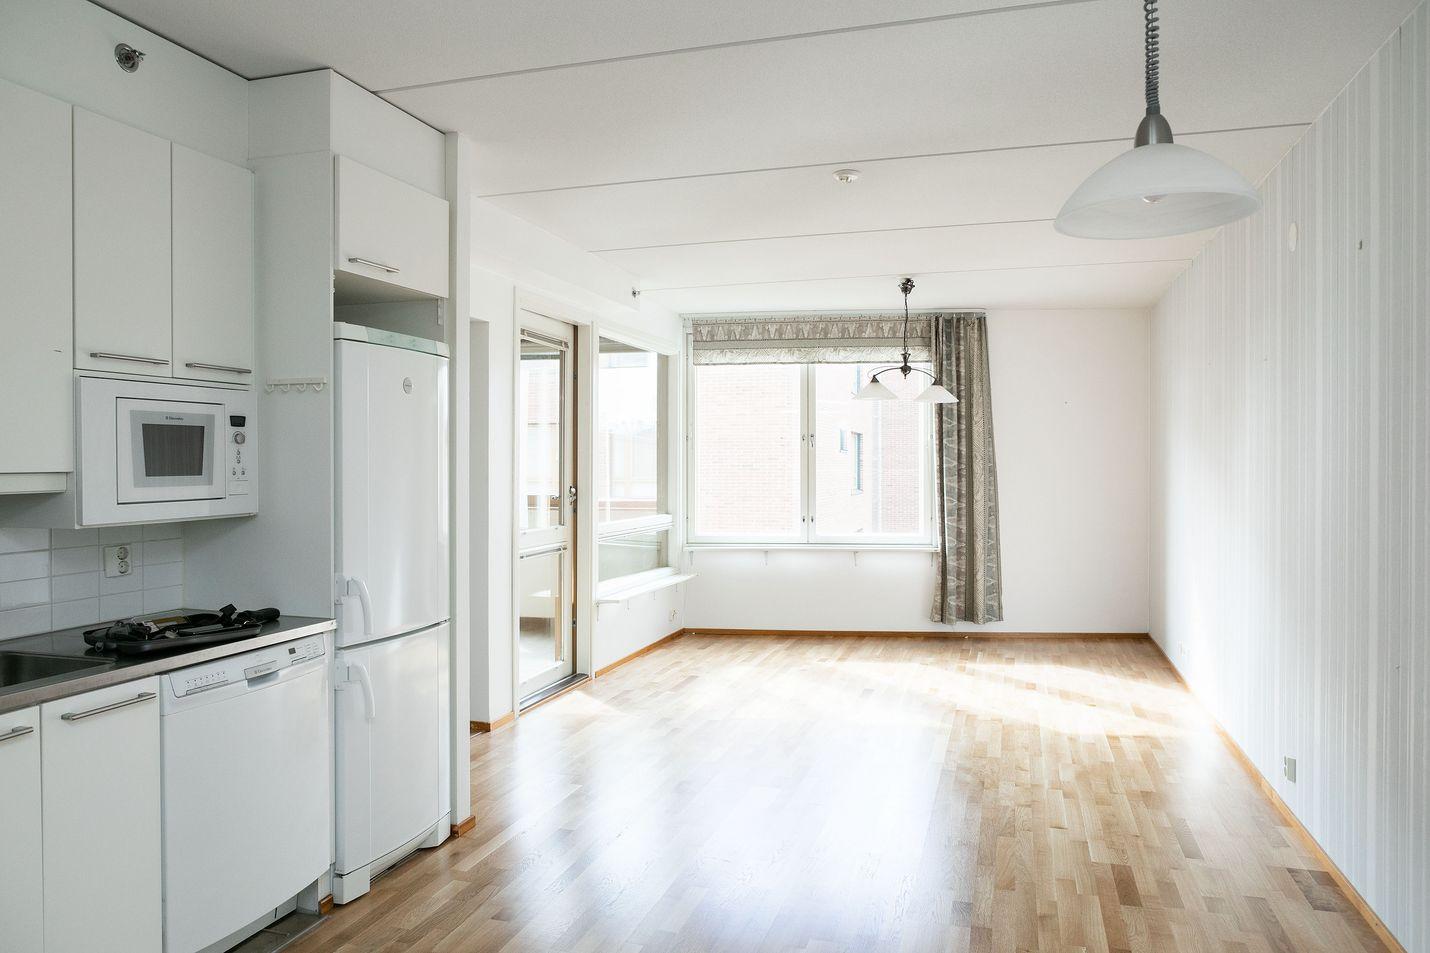 Ennakkotietojen mukaan tammi-syyskuussa asuntokauppoja tehtiin 12 miljardilla eurolla. Kuvituskuva.